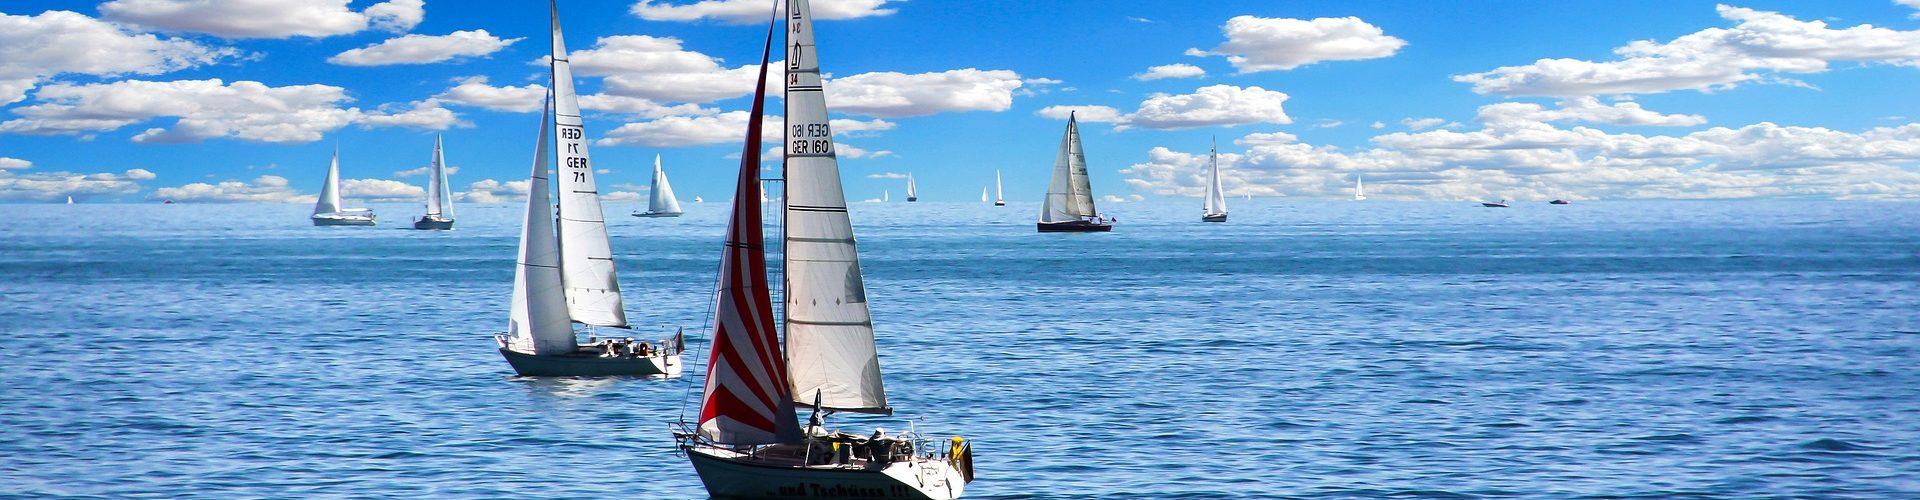 segeln lernen in Friesoythe segelschein machen in Friesoythe 1920x500 - Segeln lernen in Friesoythe